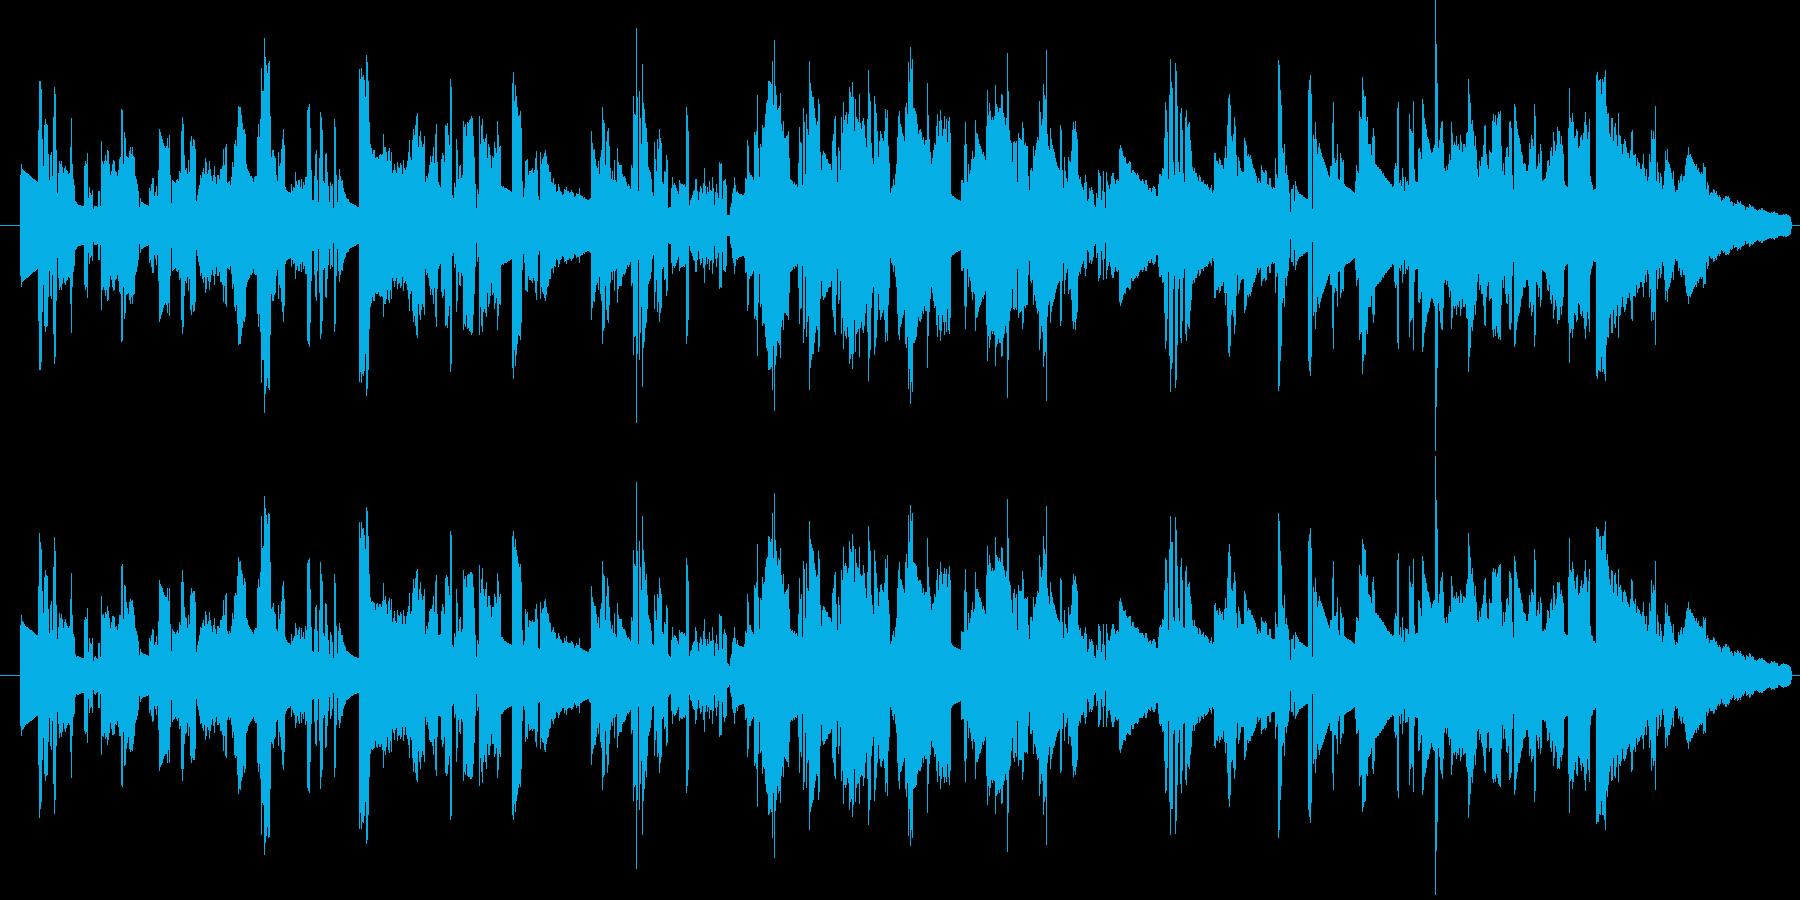 ファンキー エレピソロの再生済みの波形